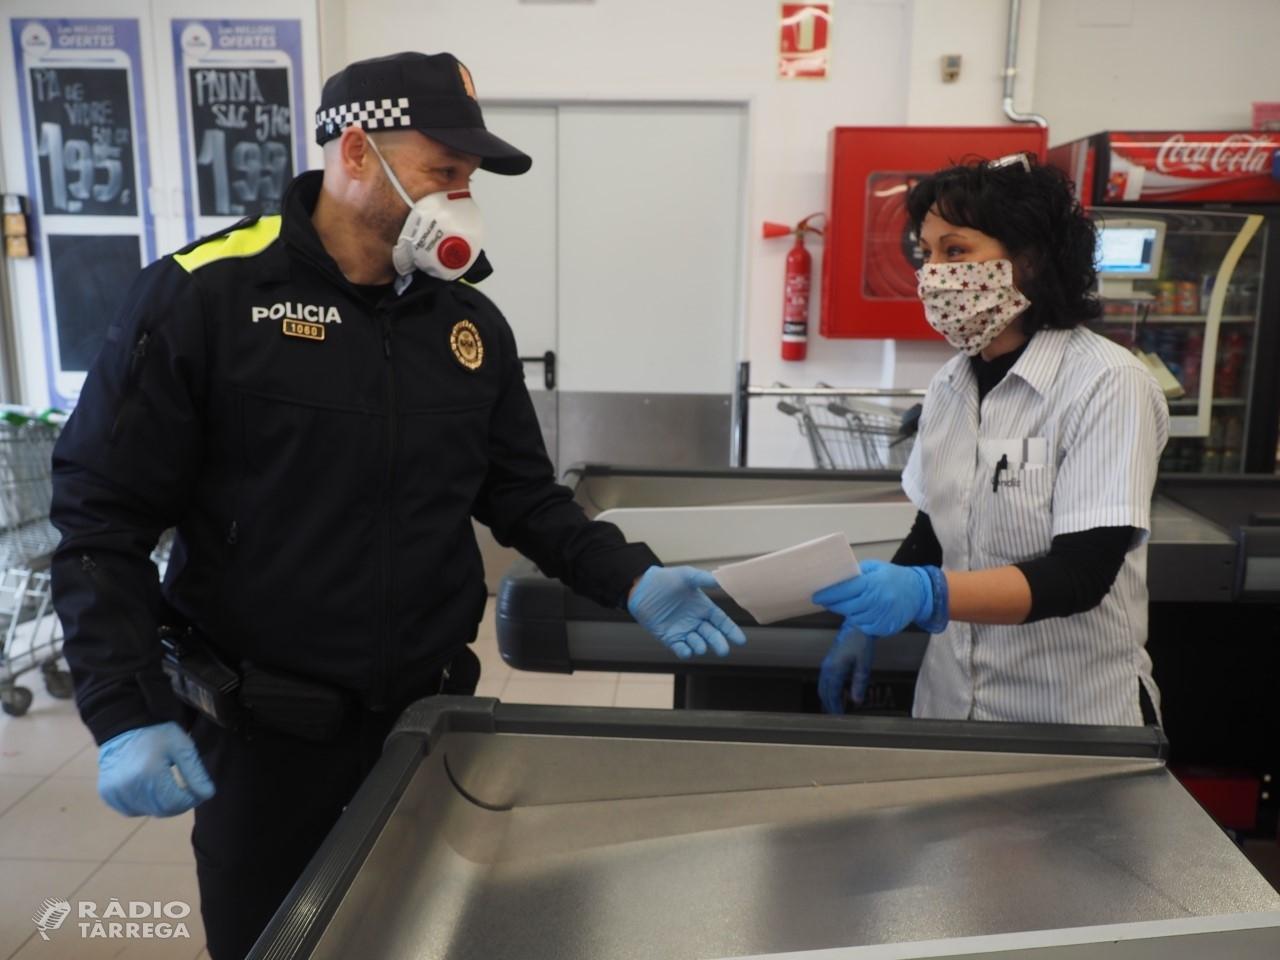 La Policia Local de Tàrrega reparteix fulletons per recordar a les persones vulnerables que tenen a la seva disposició la Xarxa de Voluntariat